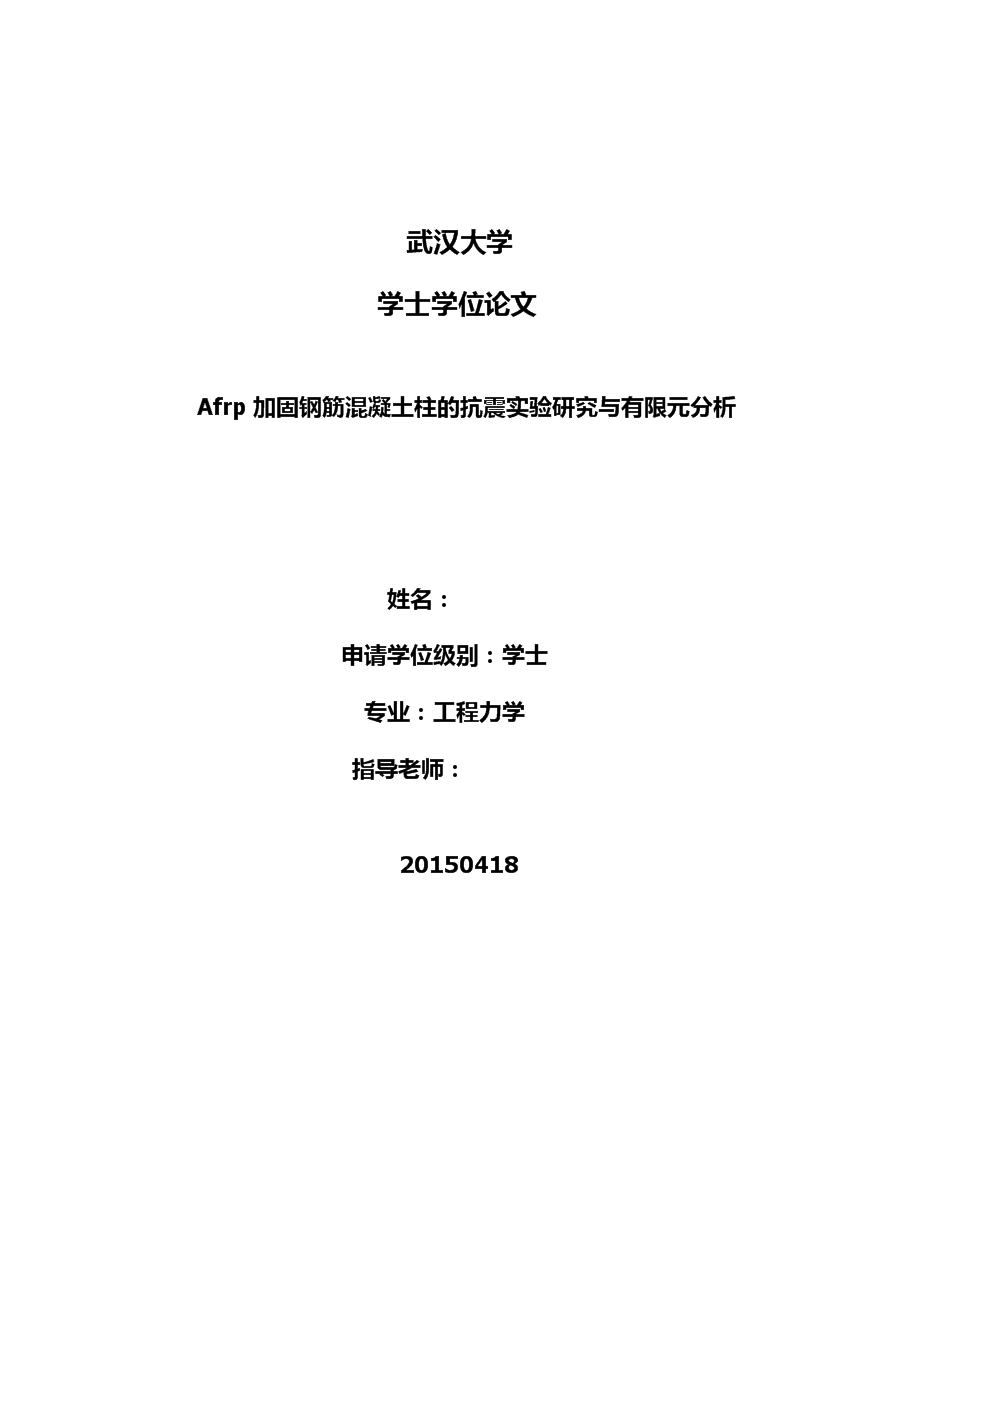 毕业论文--Afrp加固钢筋混凝土柱的抗震试验研究与有限元分析.docx